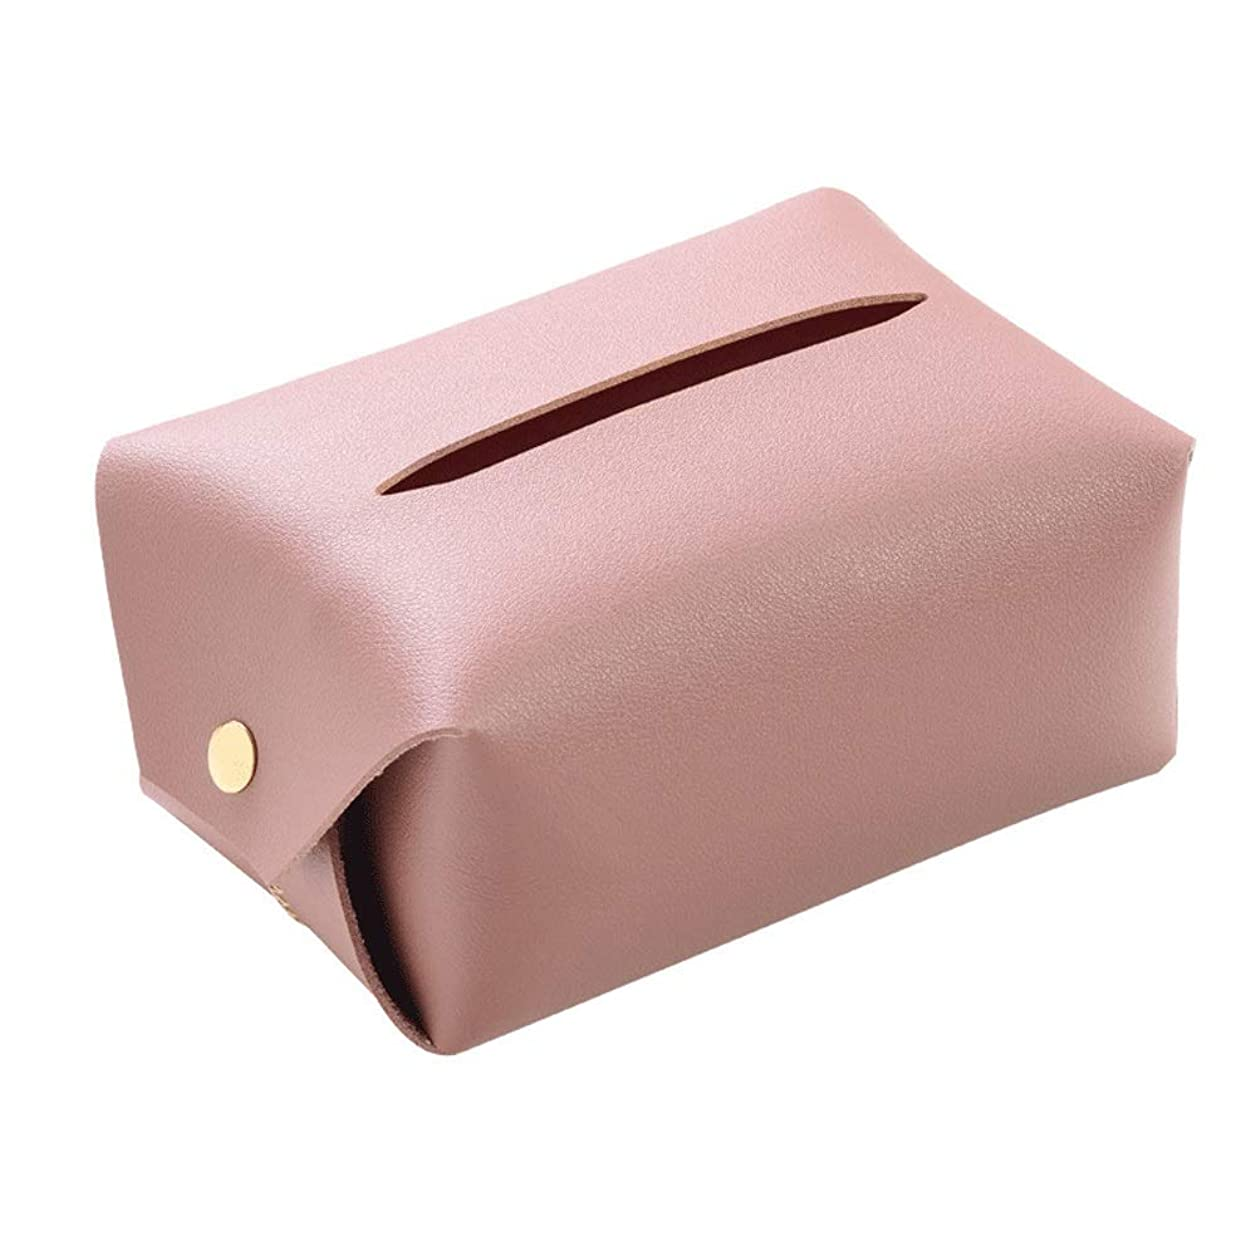 ミリメートル征服クラウドST-ST ティッシュボックスピンクのレザー家庭用ティッシュペーパーホルダーやリビングルームピンクのティッシュホルダー用ディスペンサーボックスカバーケースナプキンホルダー(カラー:ピンク、サイズ:11x16X8cm)